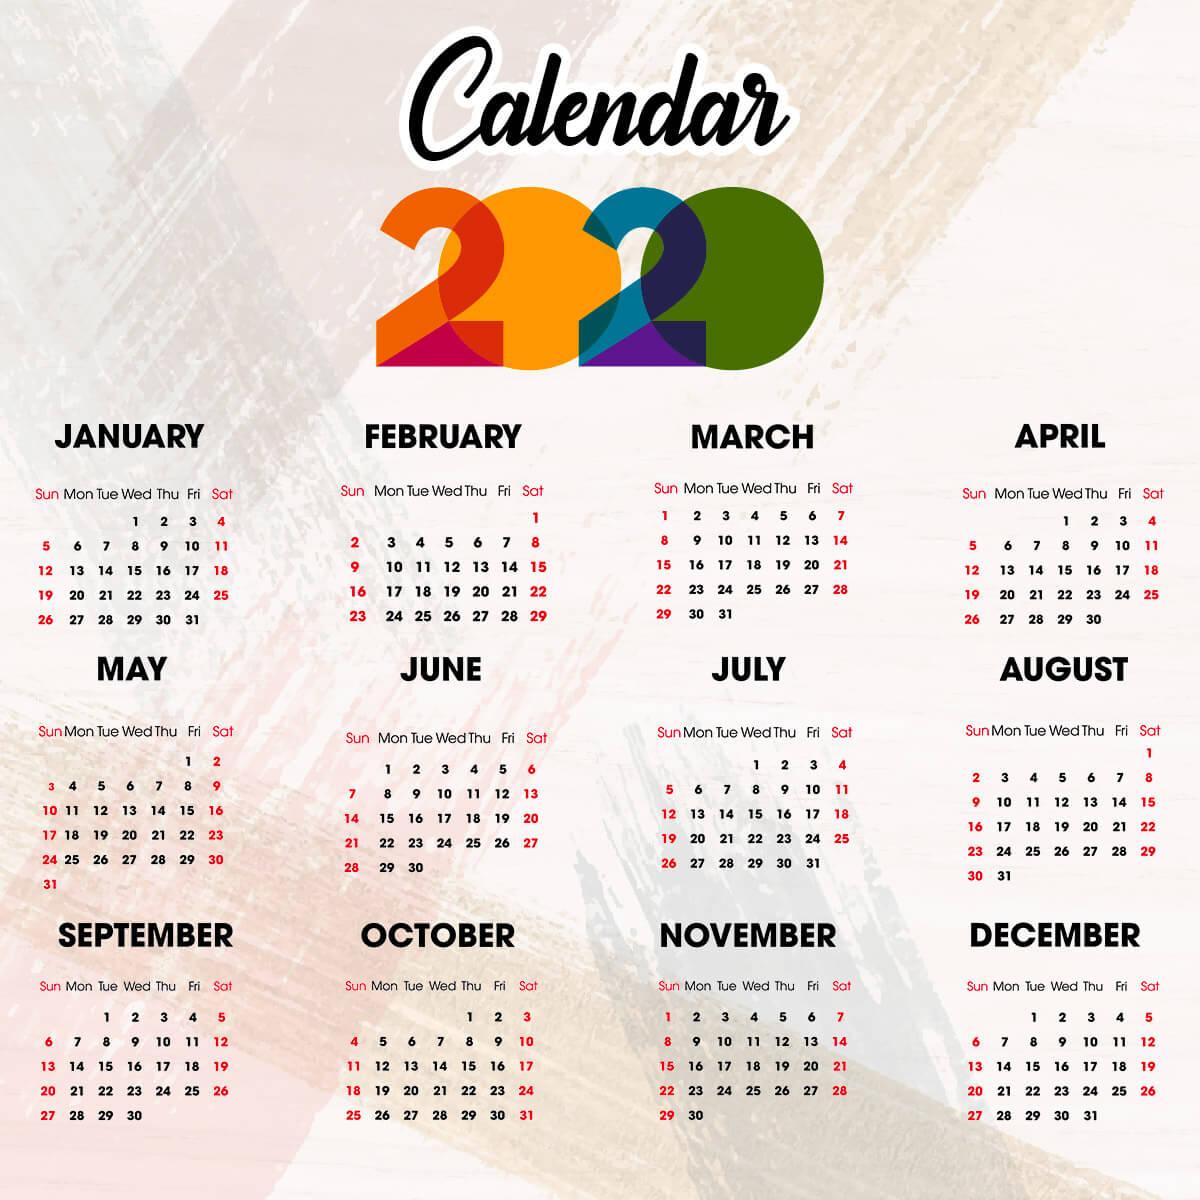 Calendarul Zilelor Libere In 2020 | Ziarul Profit within Calendar 2020 Cu Zile Lucratoare